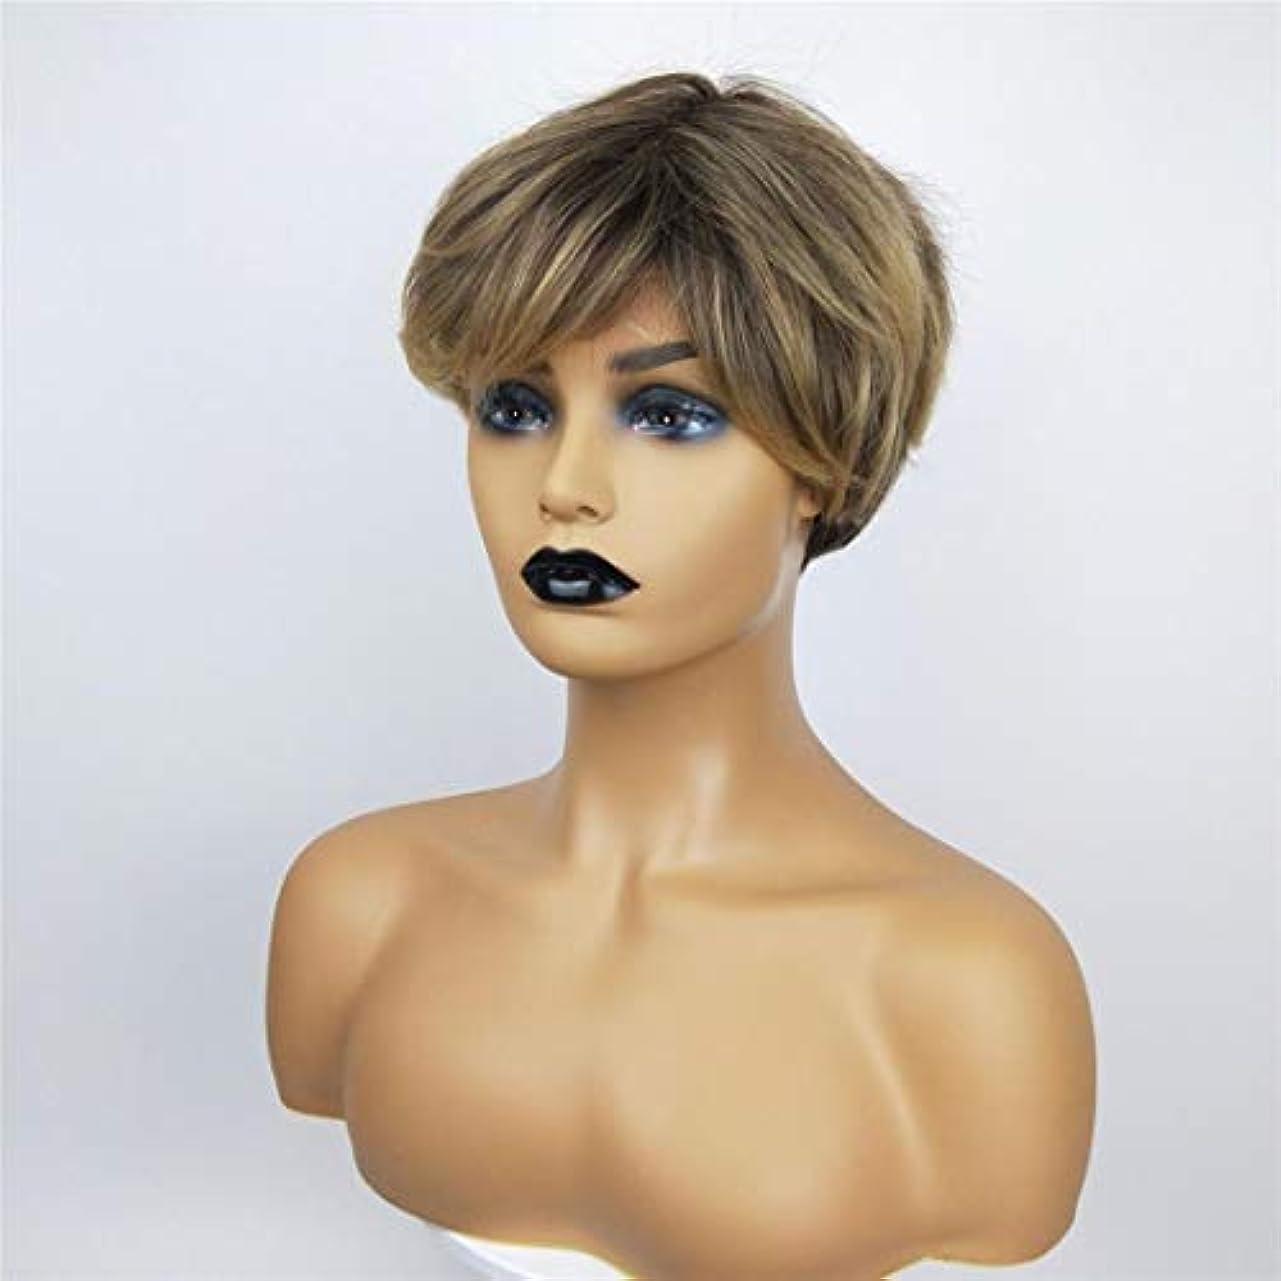 敵対的浸食火薬Summerys 女性のための短い巻き毛のかつら高温シルクケミカルファイバーウィッグヘッドギア